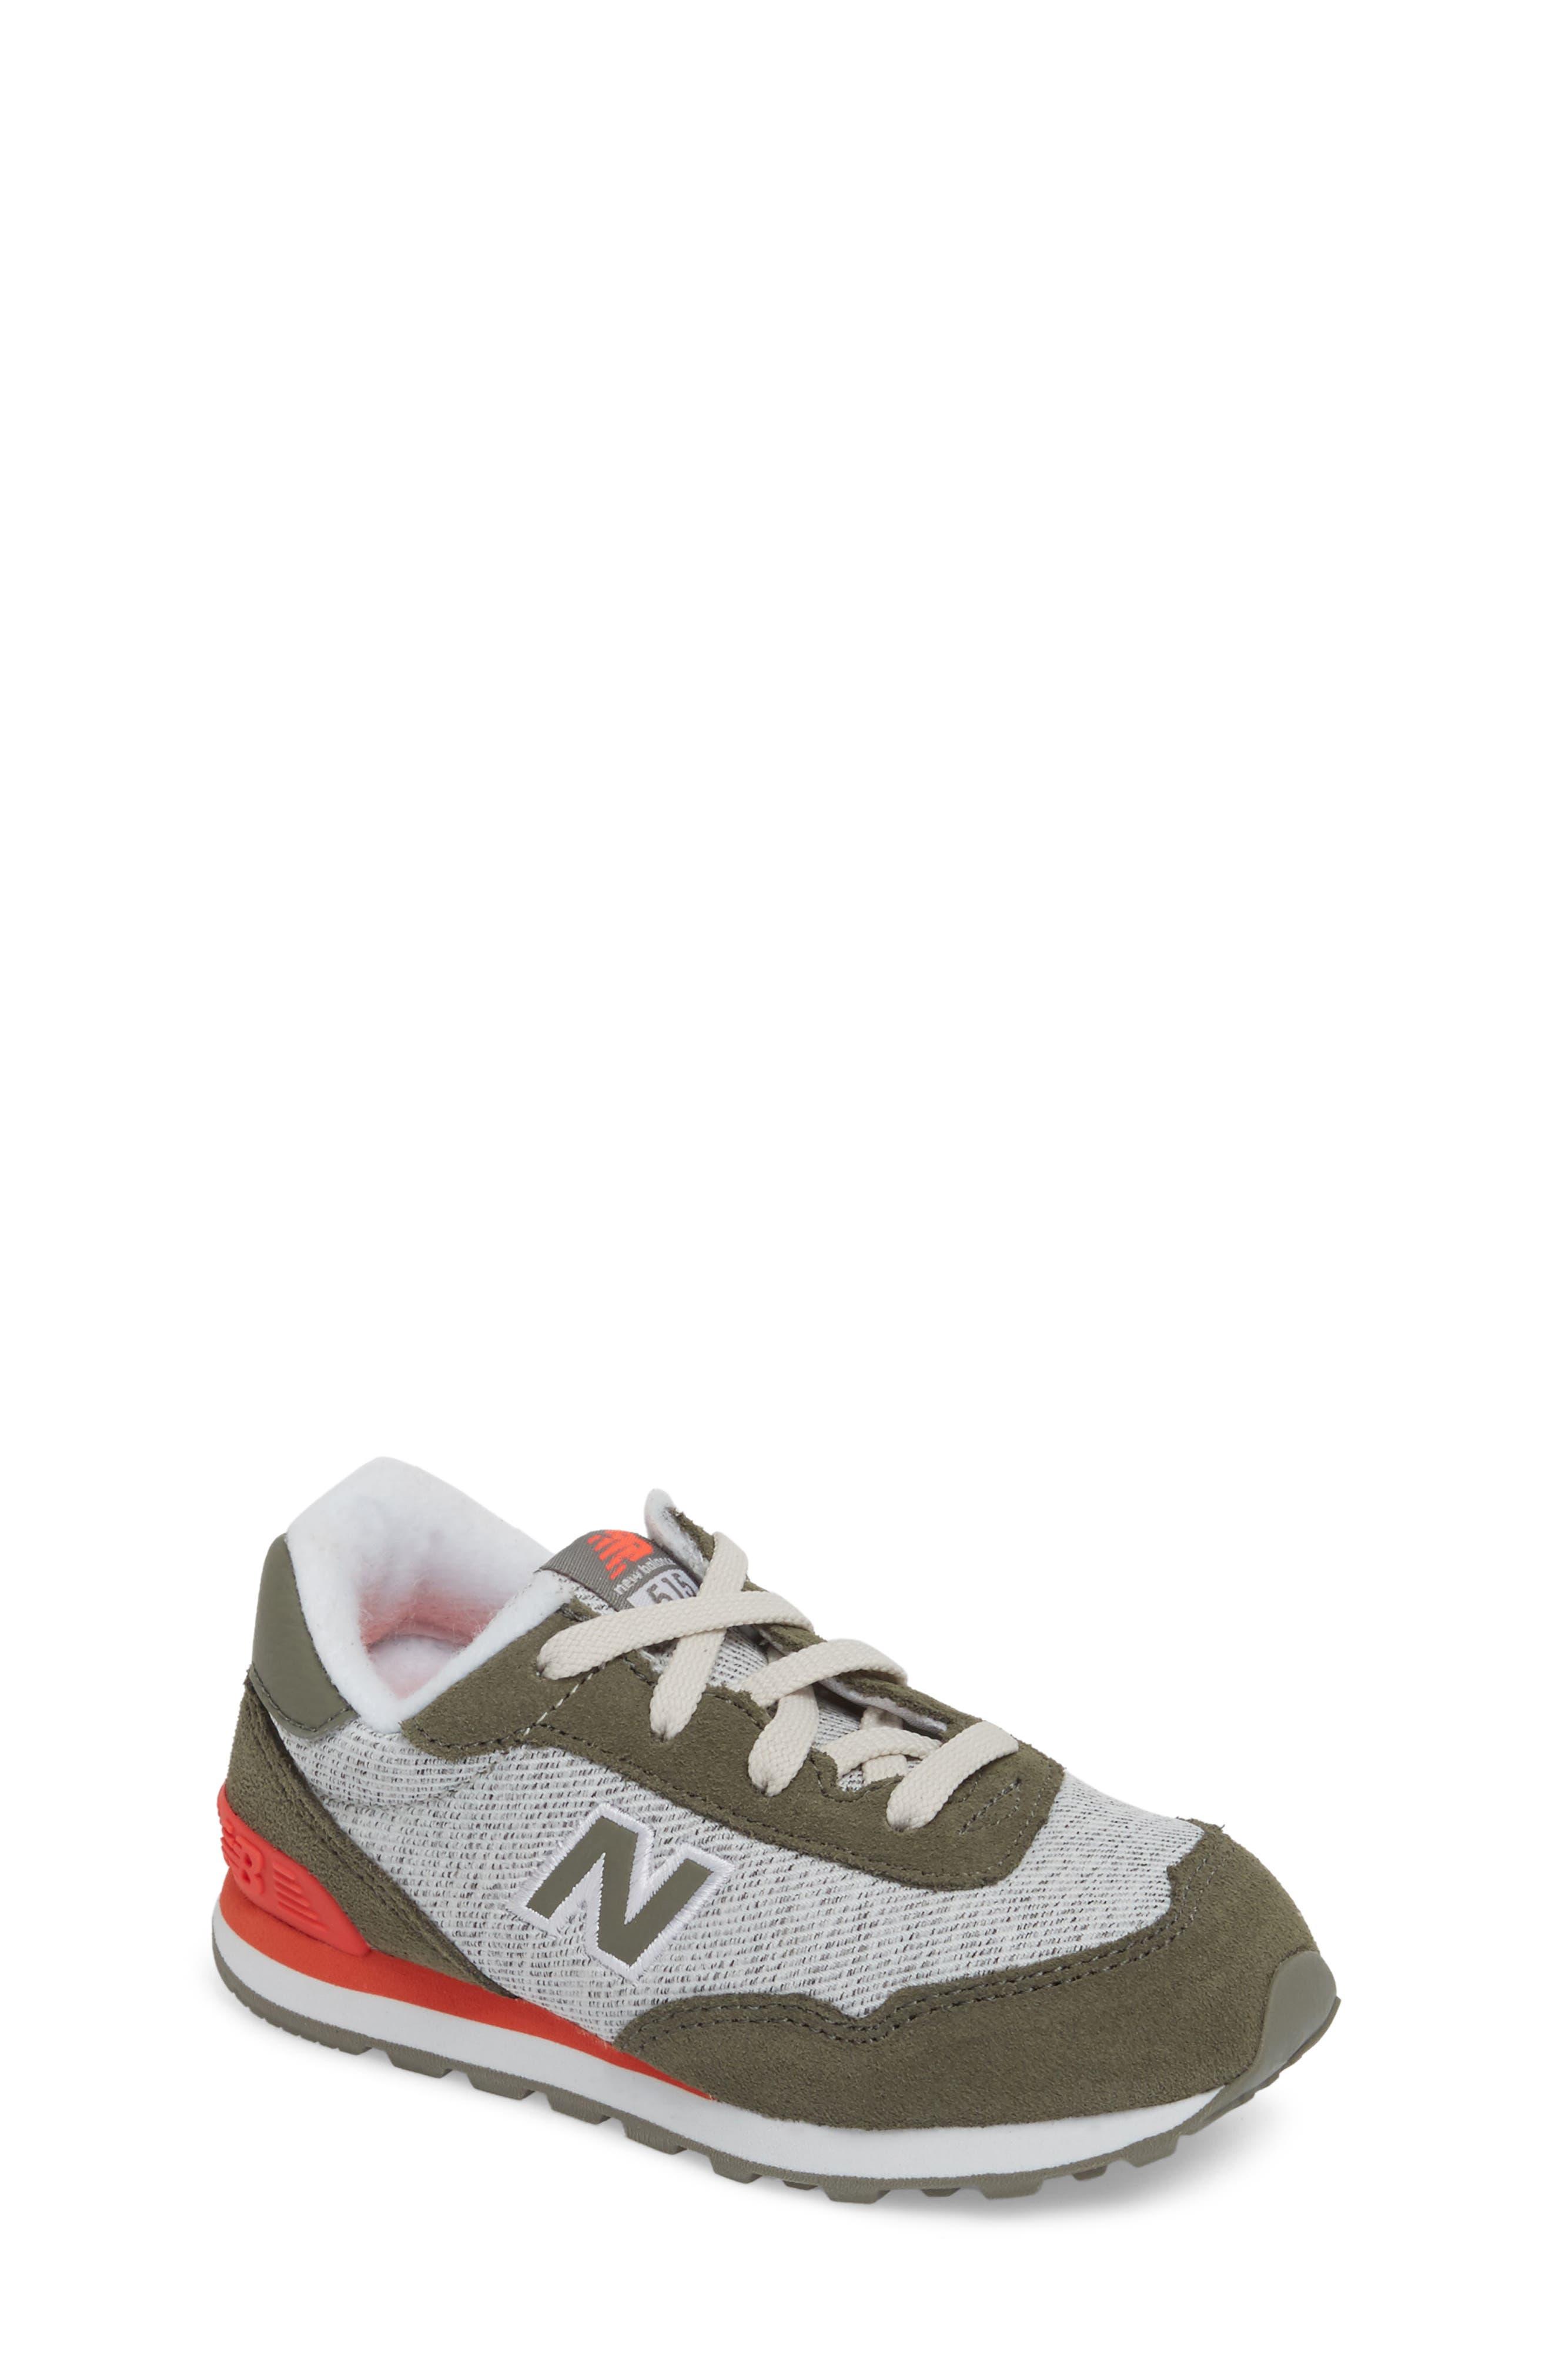 515 Sneaker,                         Main,                         color, 305